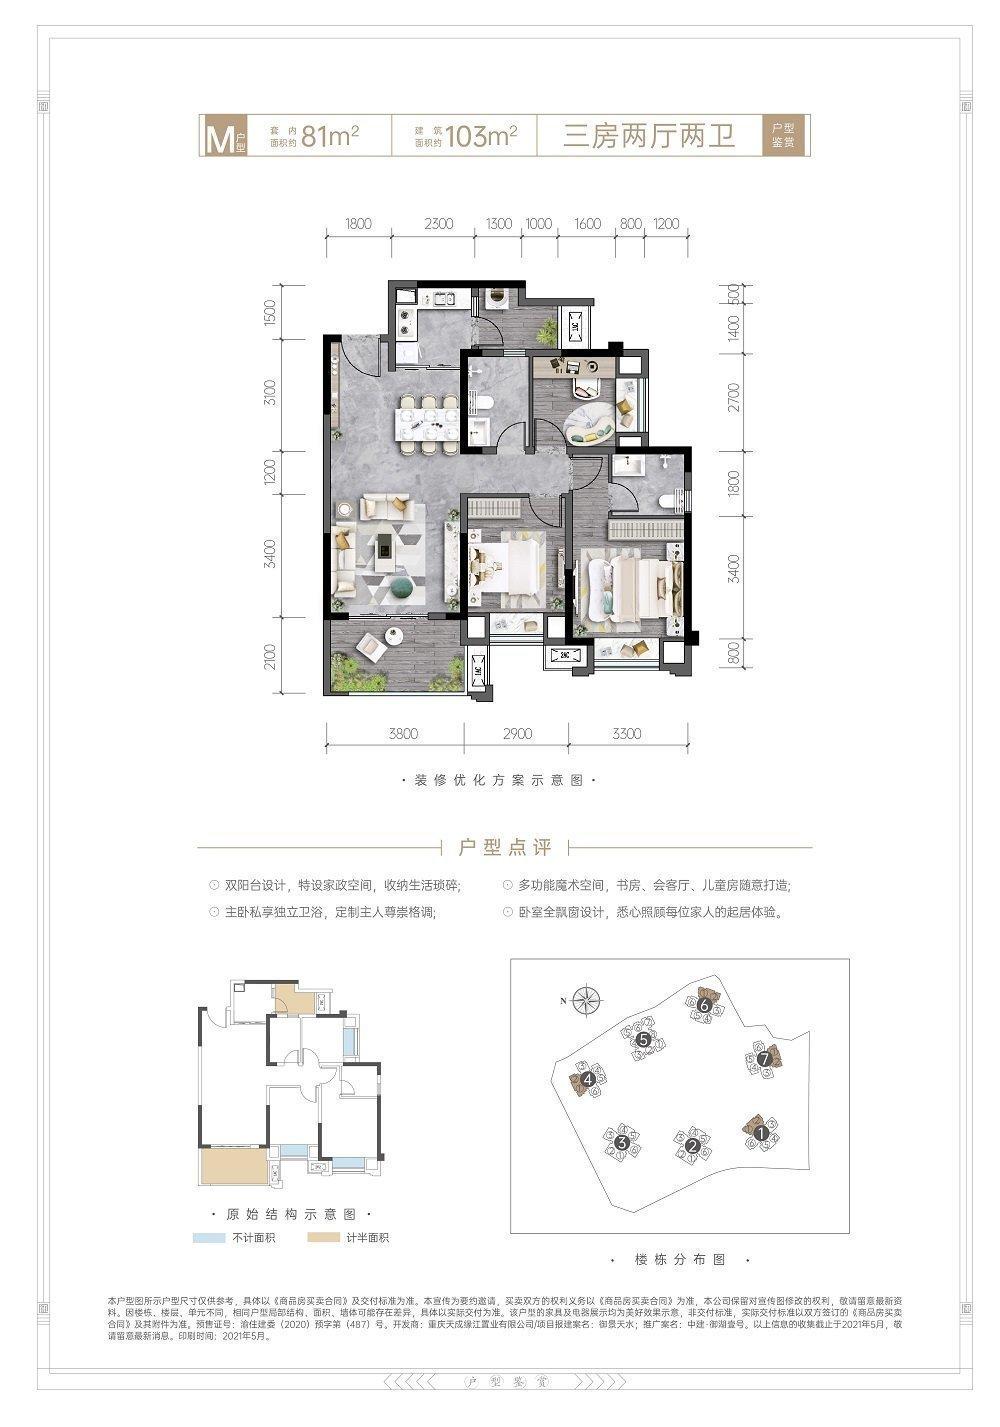 九龙坡区巴国城中建御湖壹号新房高层L户型户型图